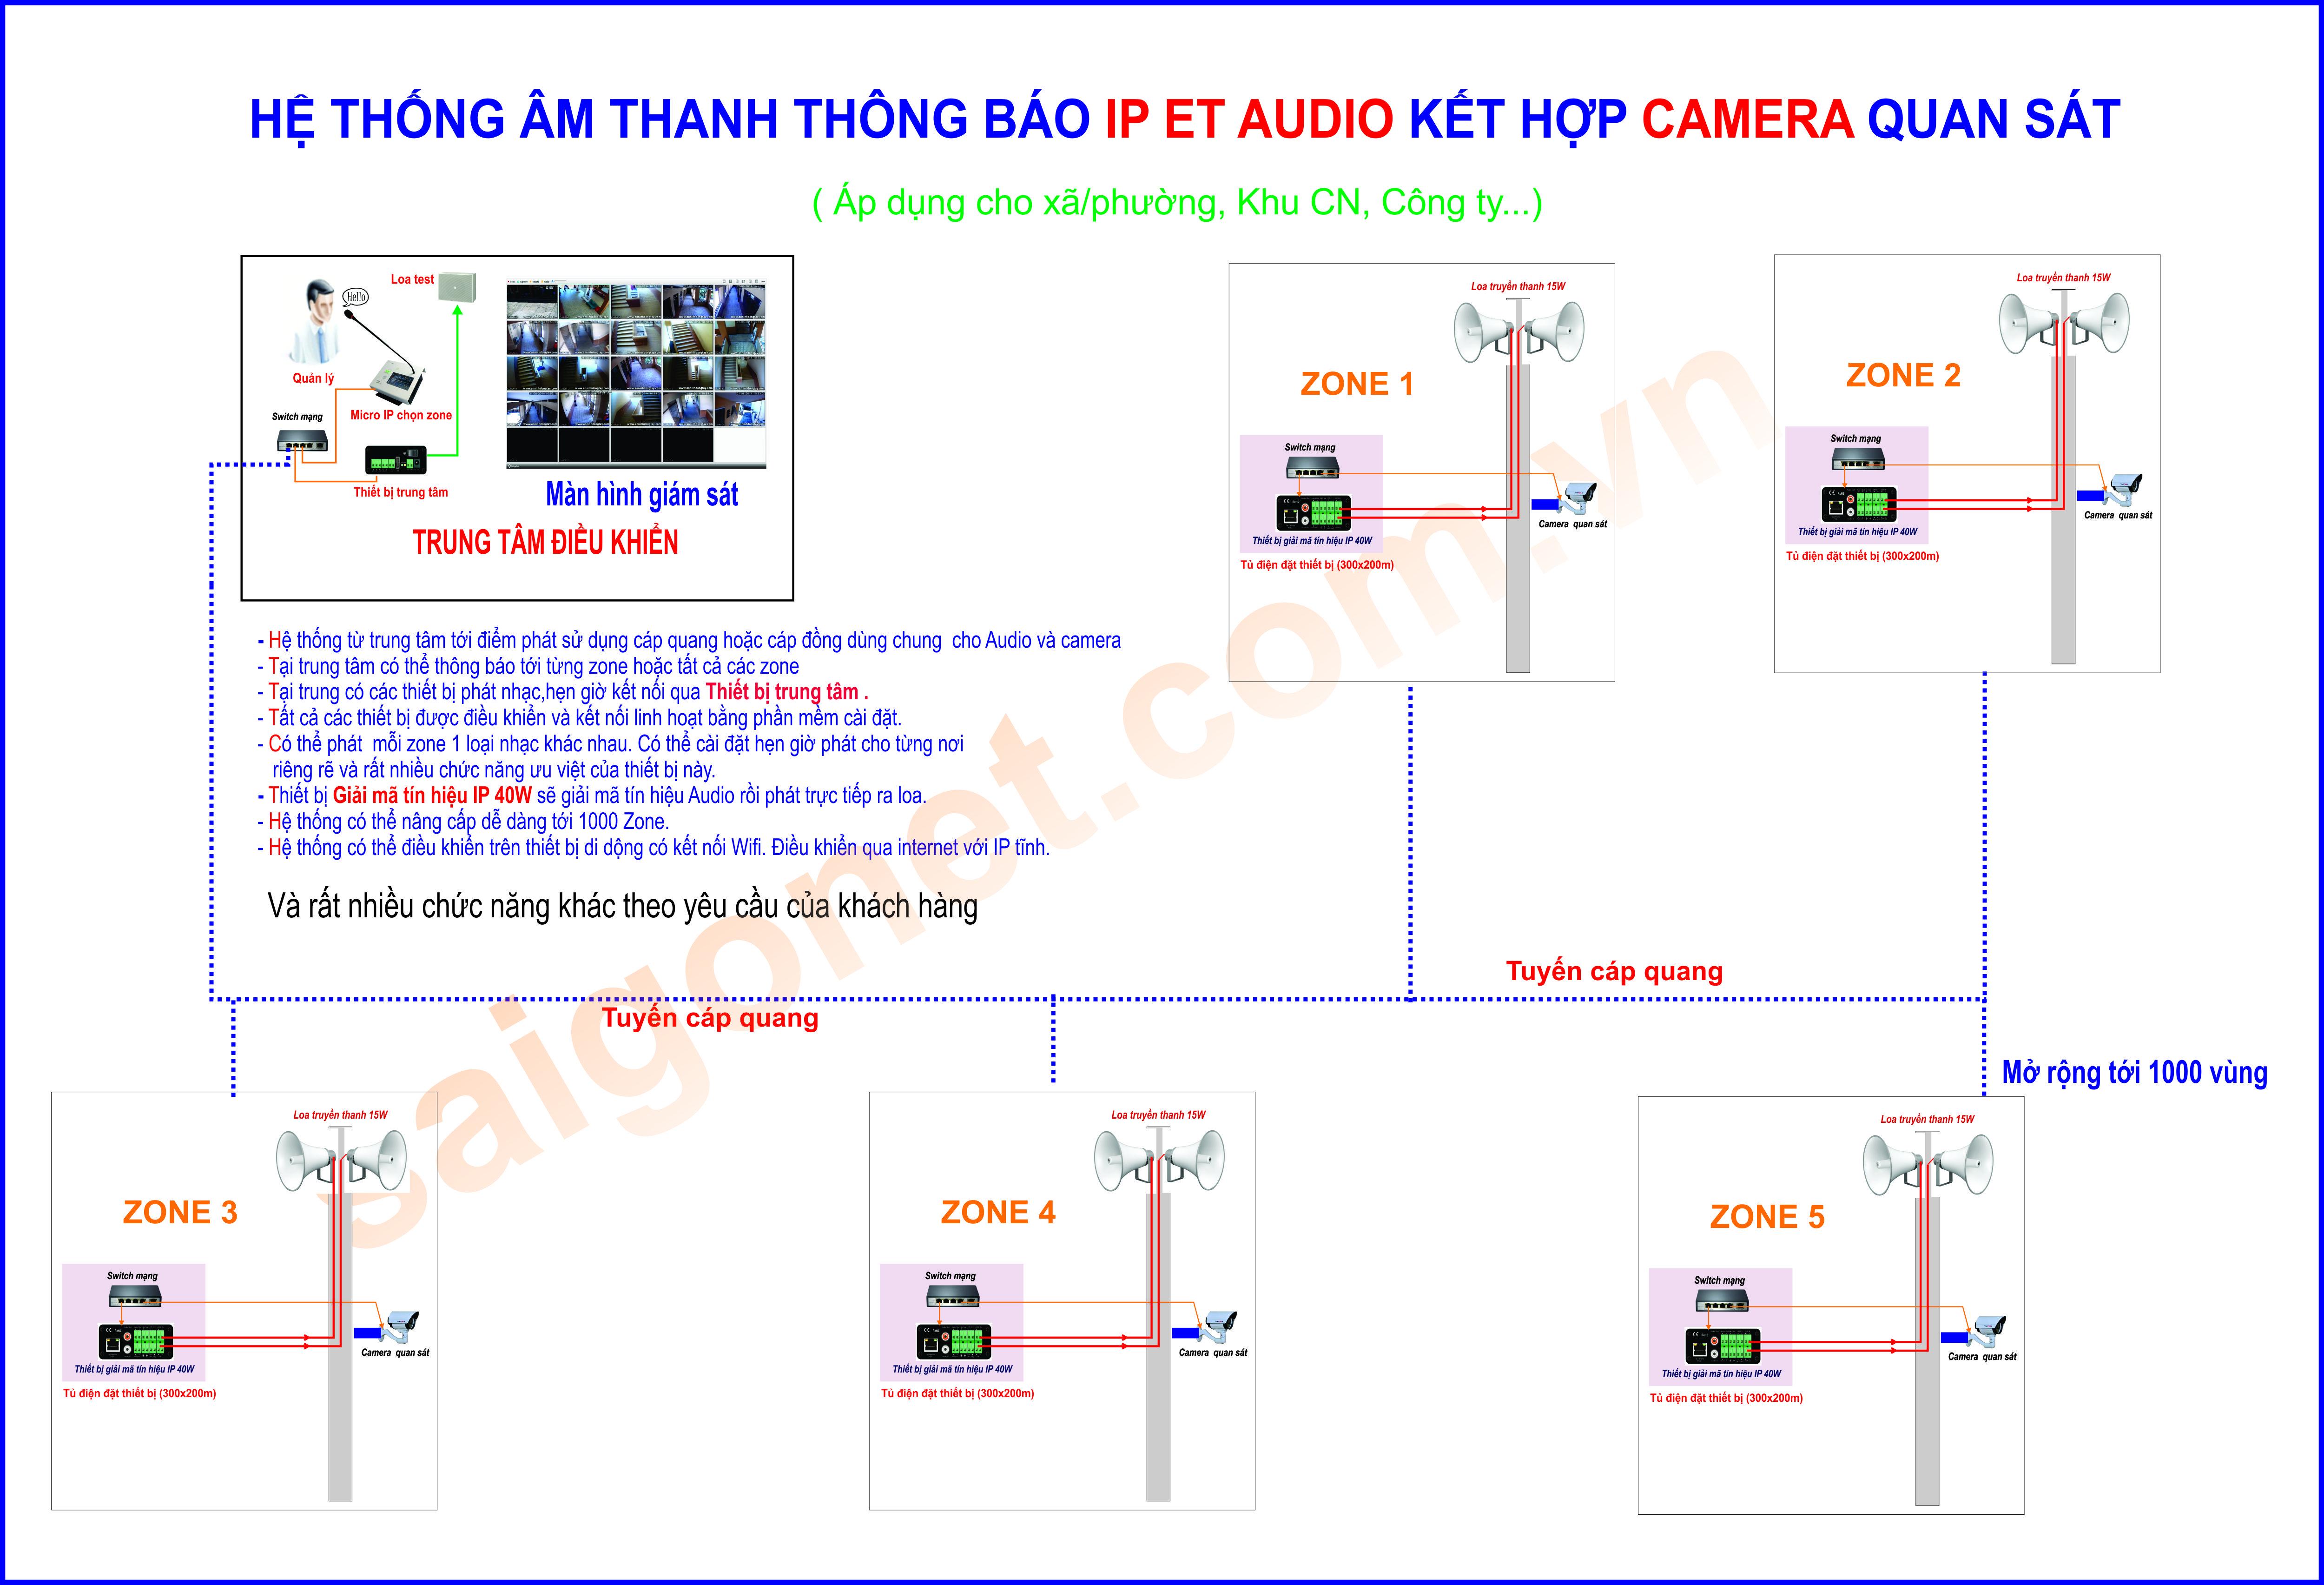 Giải pháp âm thanh thông báo kết hợp camera quan sát  ET INTERNET IP AUDIO.